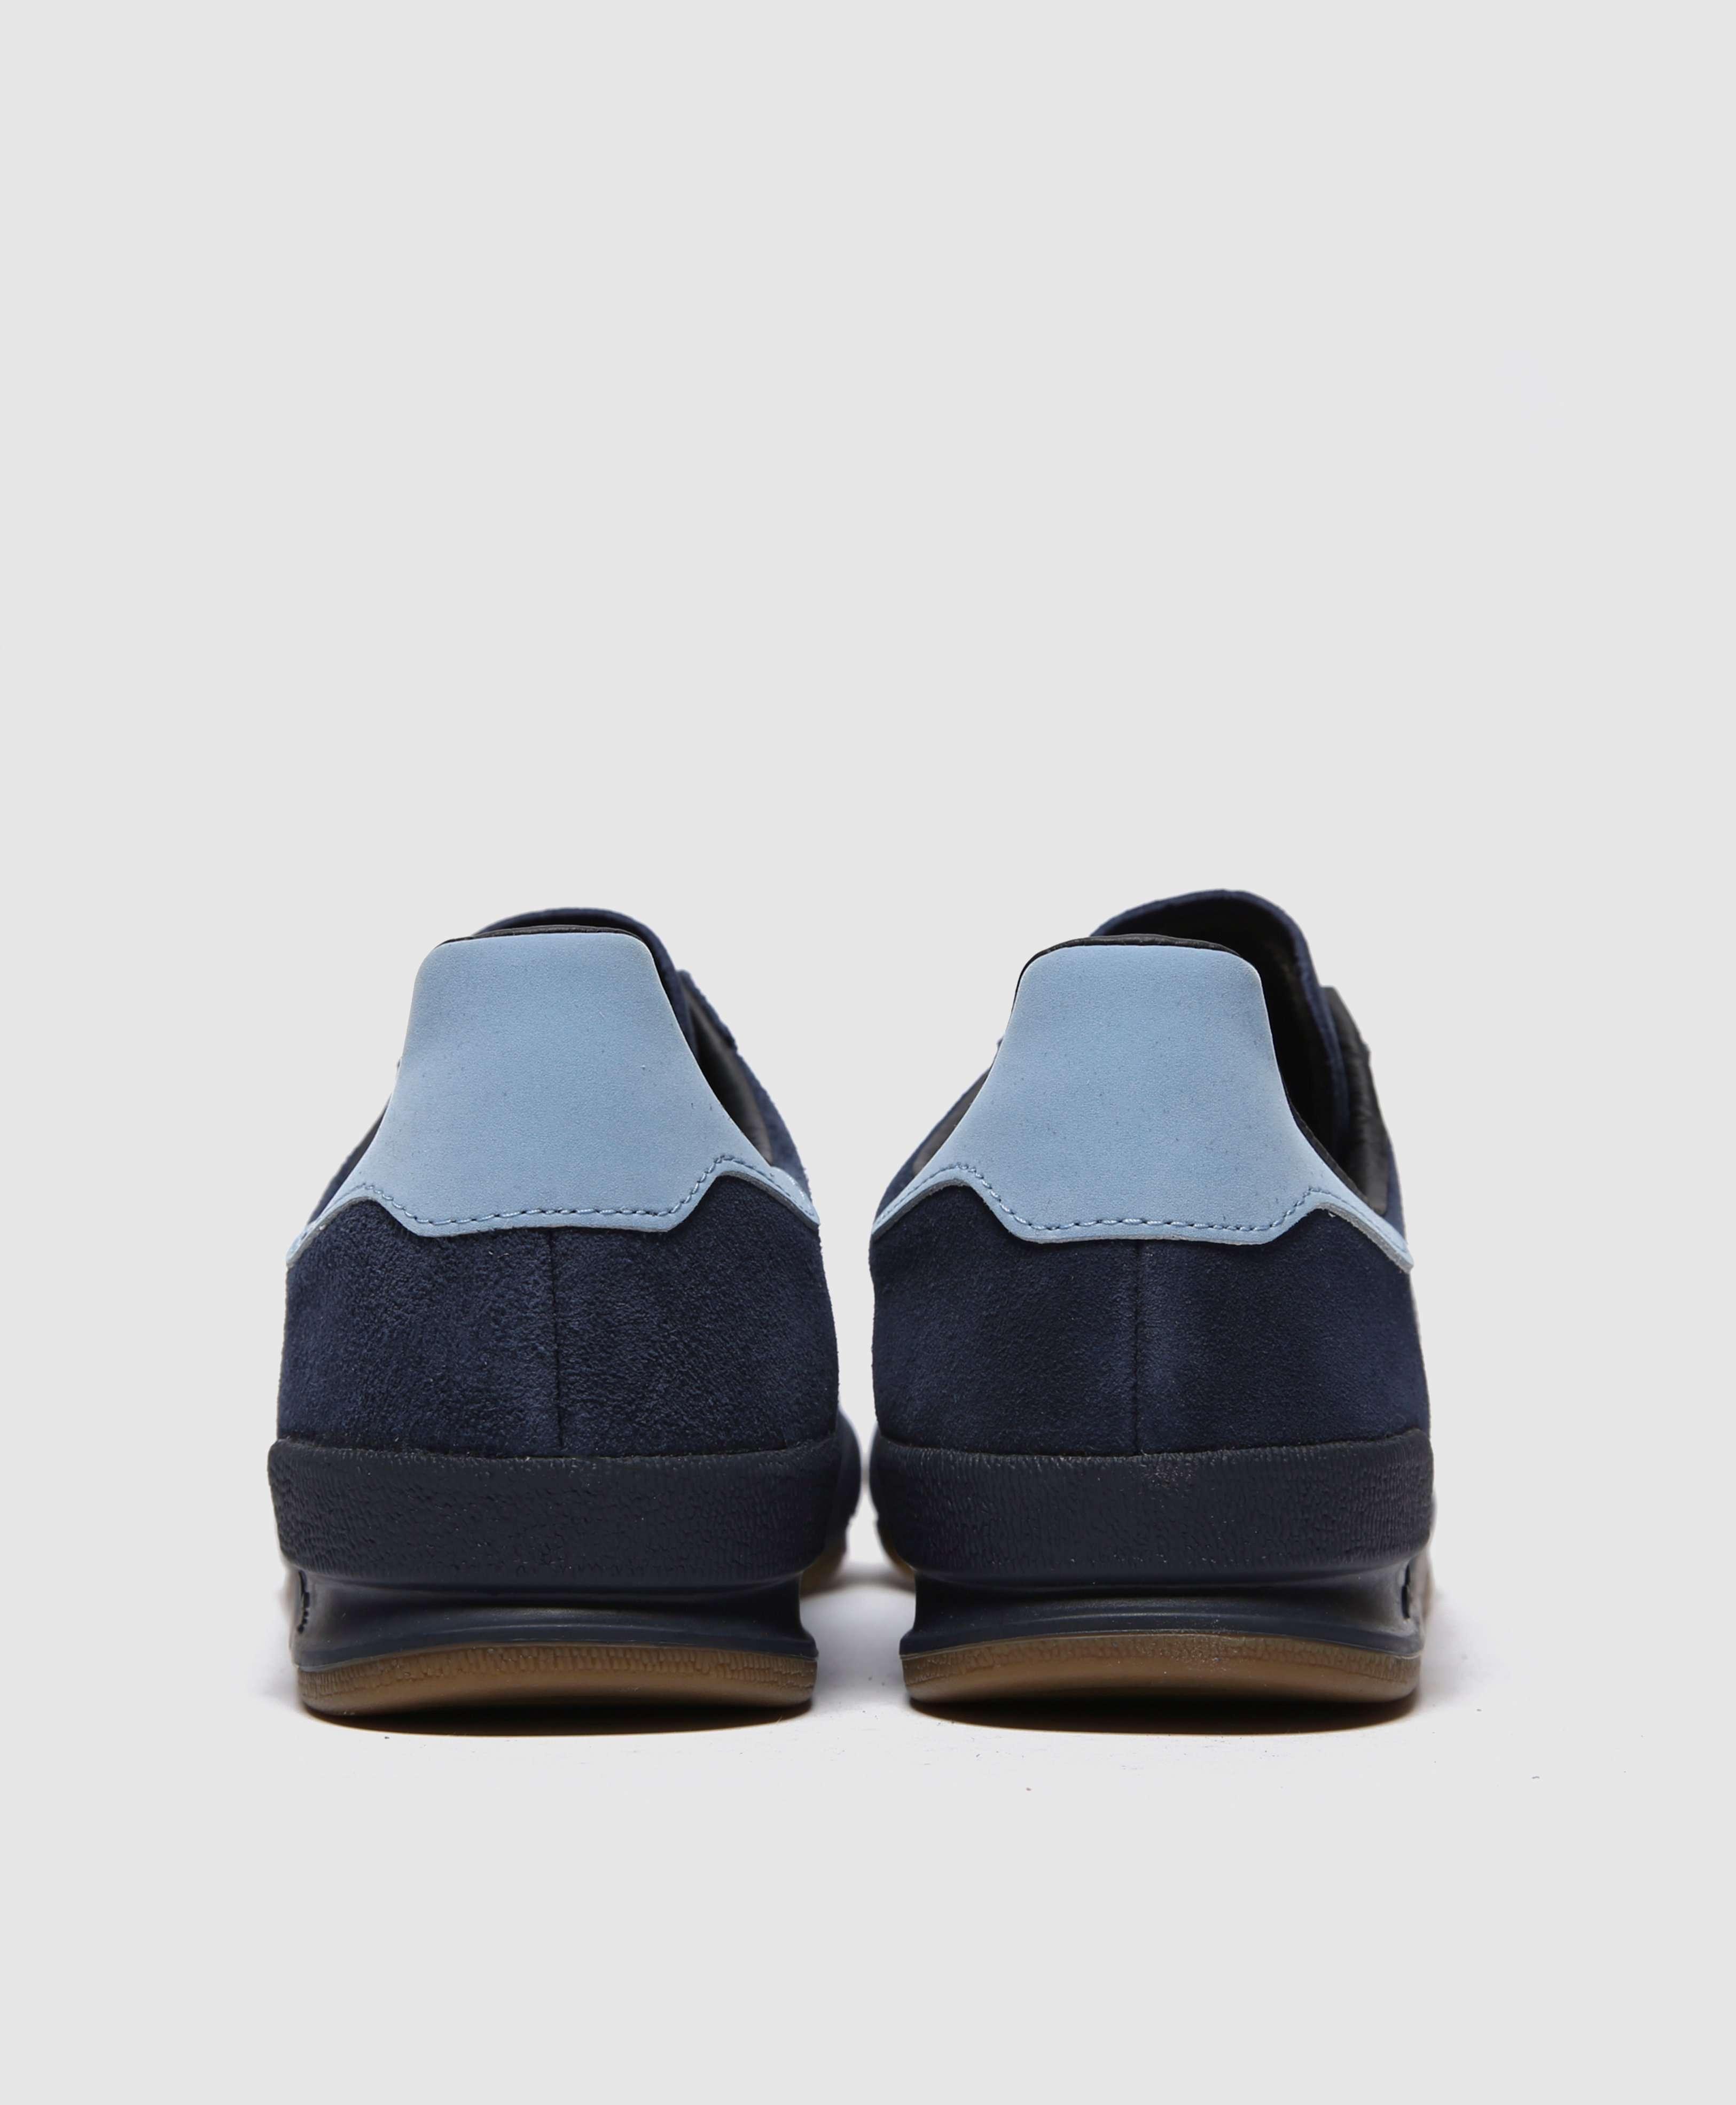 adidas Originals Jeans 'OG' Pack